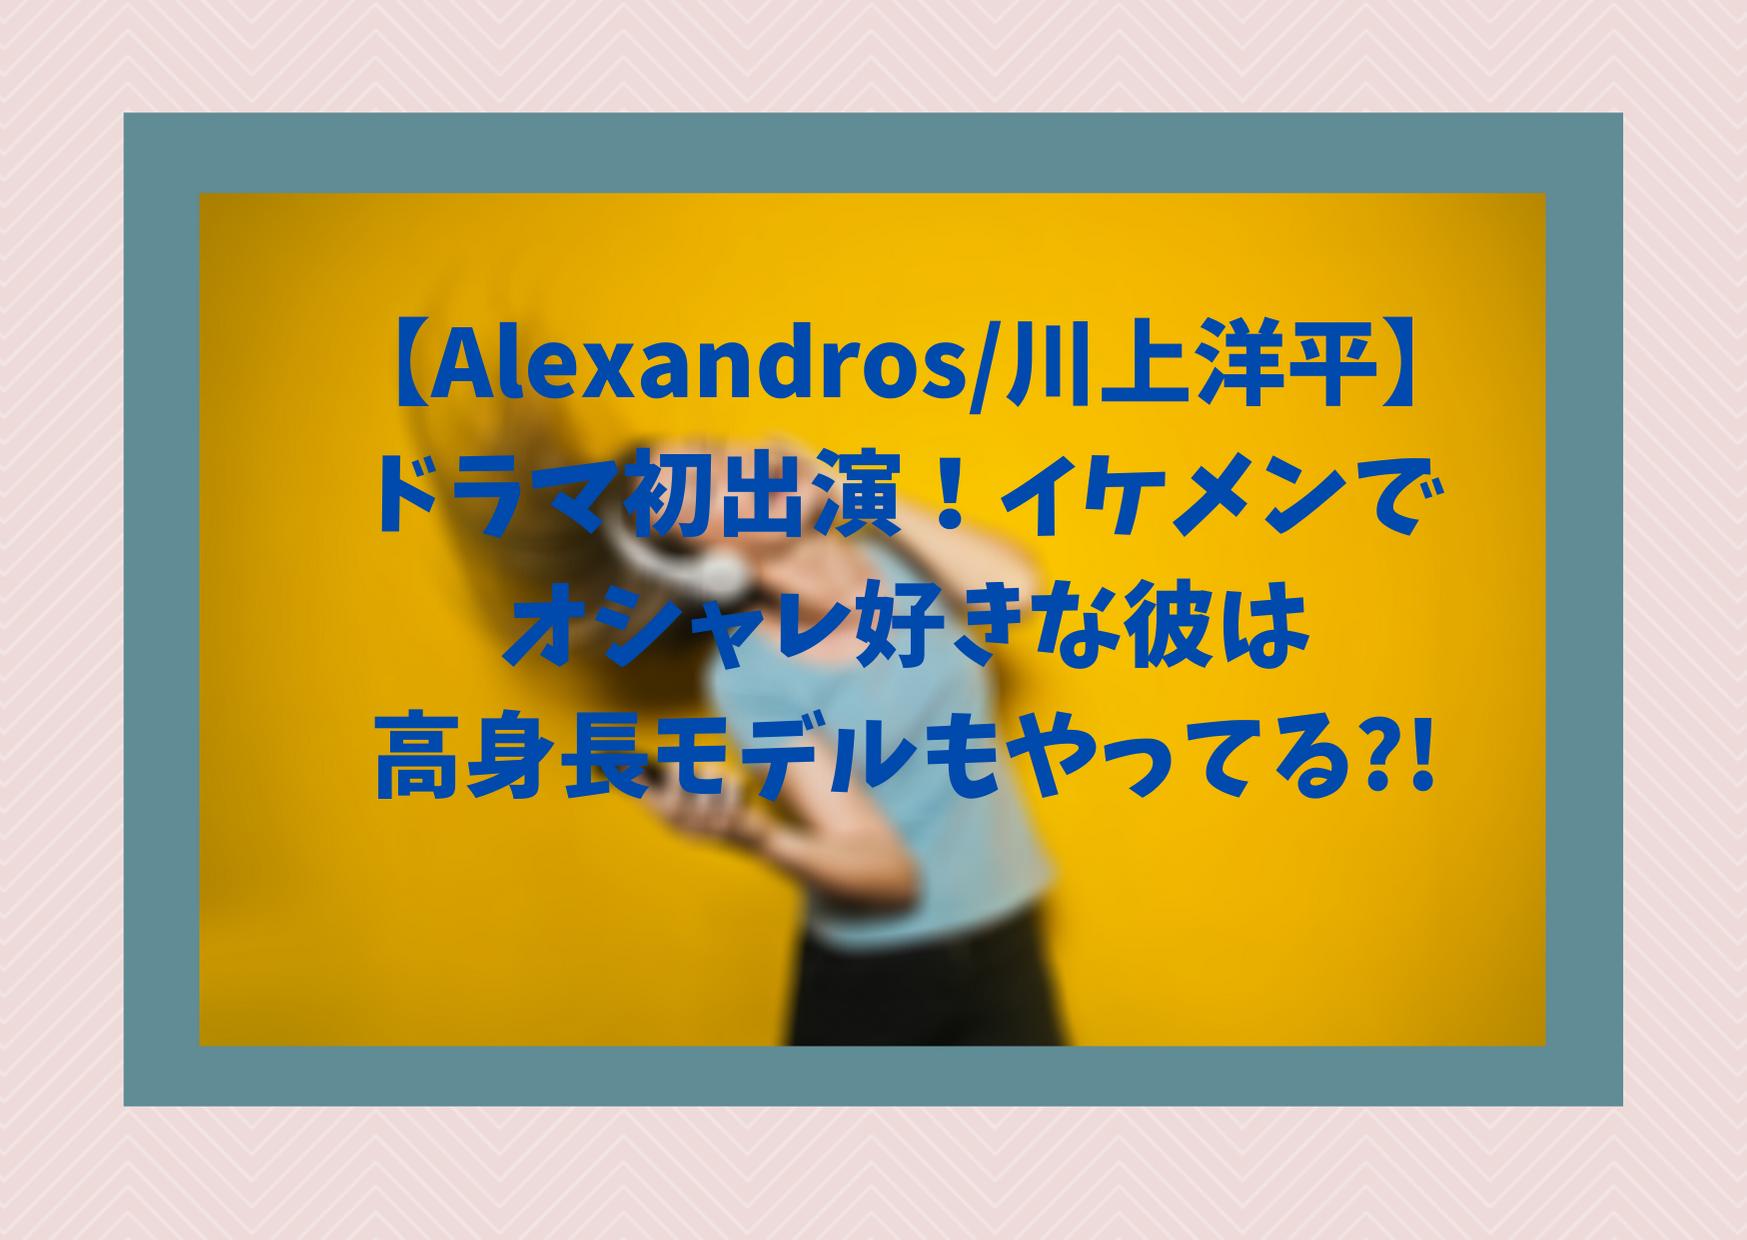 【Alexandros/川上洋平】ドラマ初出演!イケメンでオシャレ好きな彼は高身長モデルもやってる?!